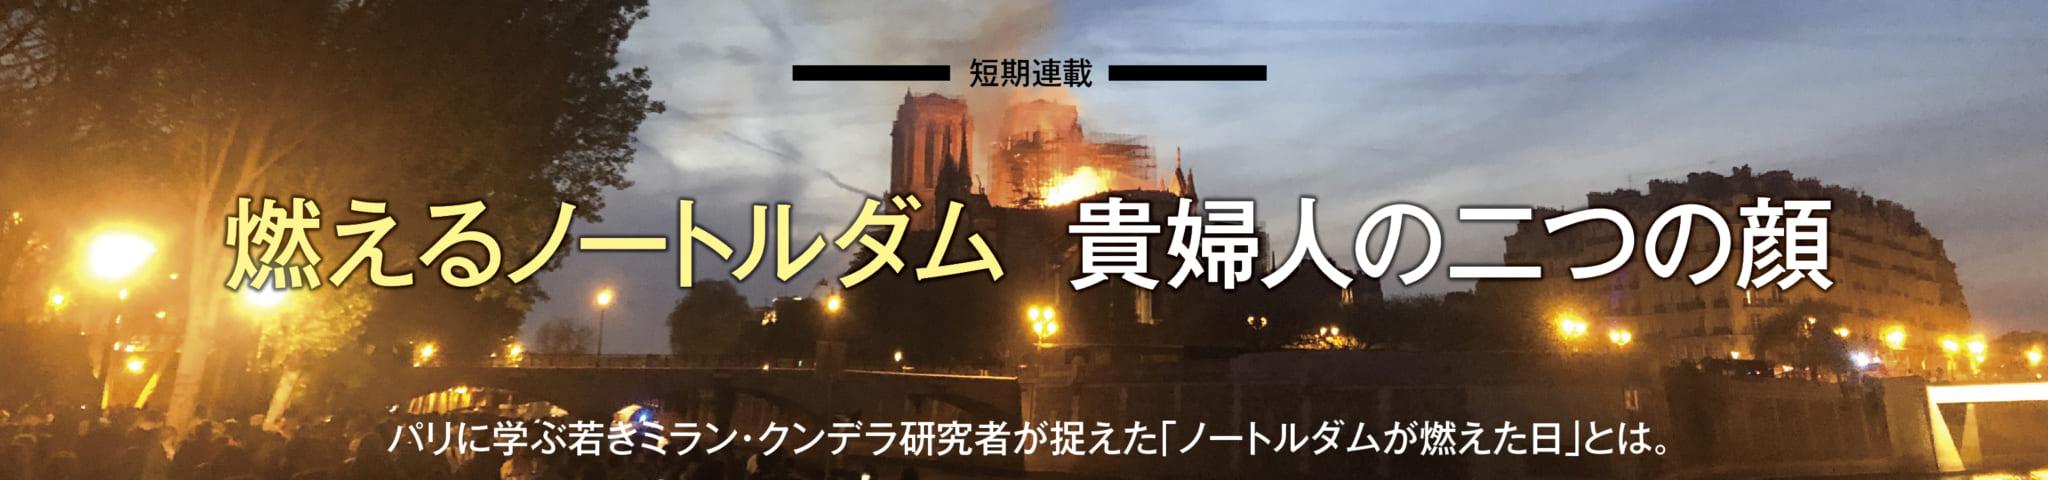 【短期連載】燃えるノートルダム 貴婦人の二つの顔